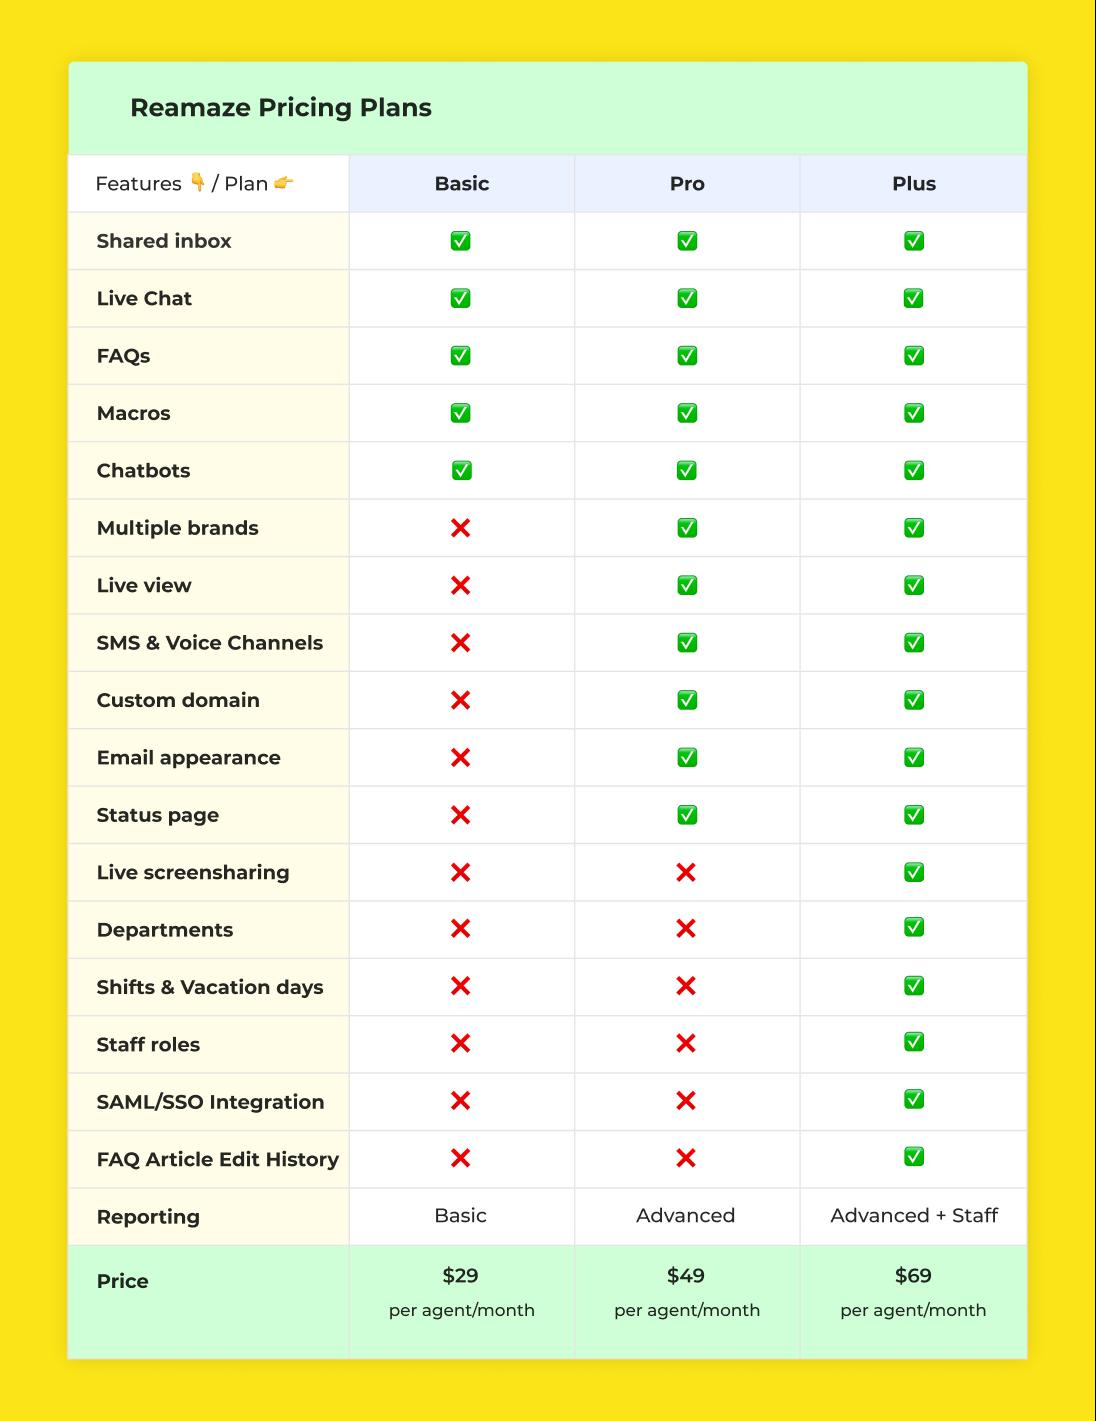 Reamaze pricing plans comparison